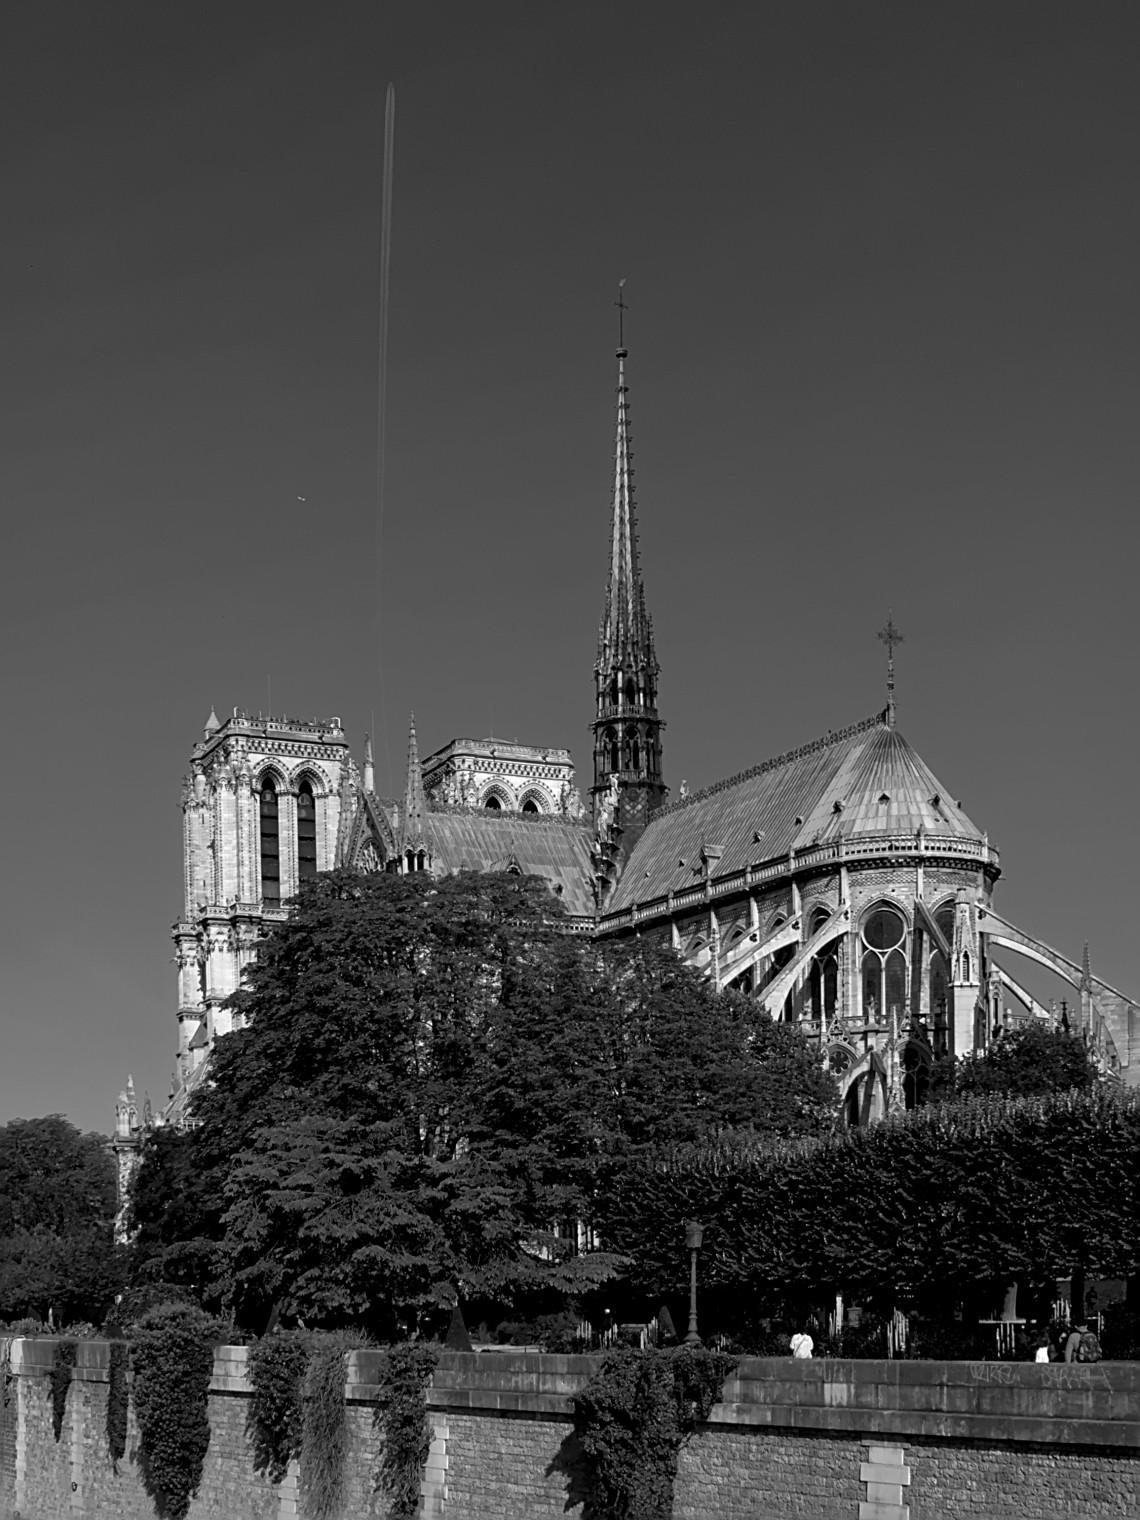 notre-dame_de_paris_vue_du_pont_de_l27archevc3a9chc3a9